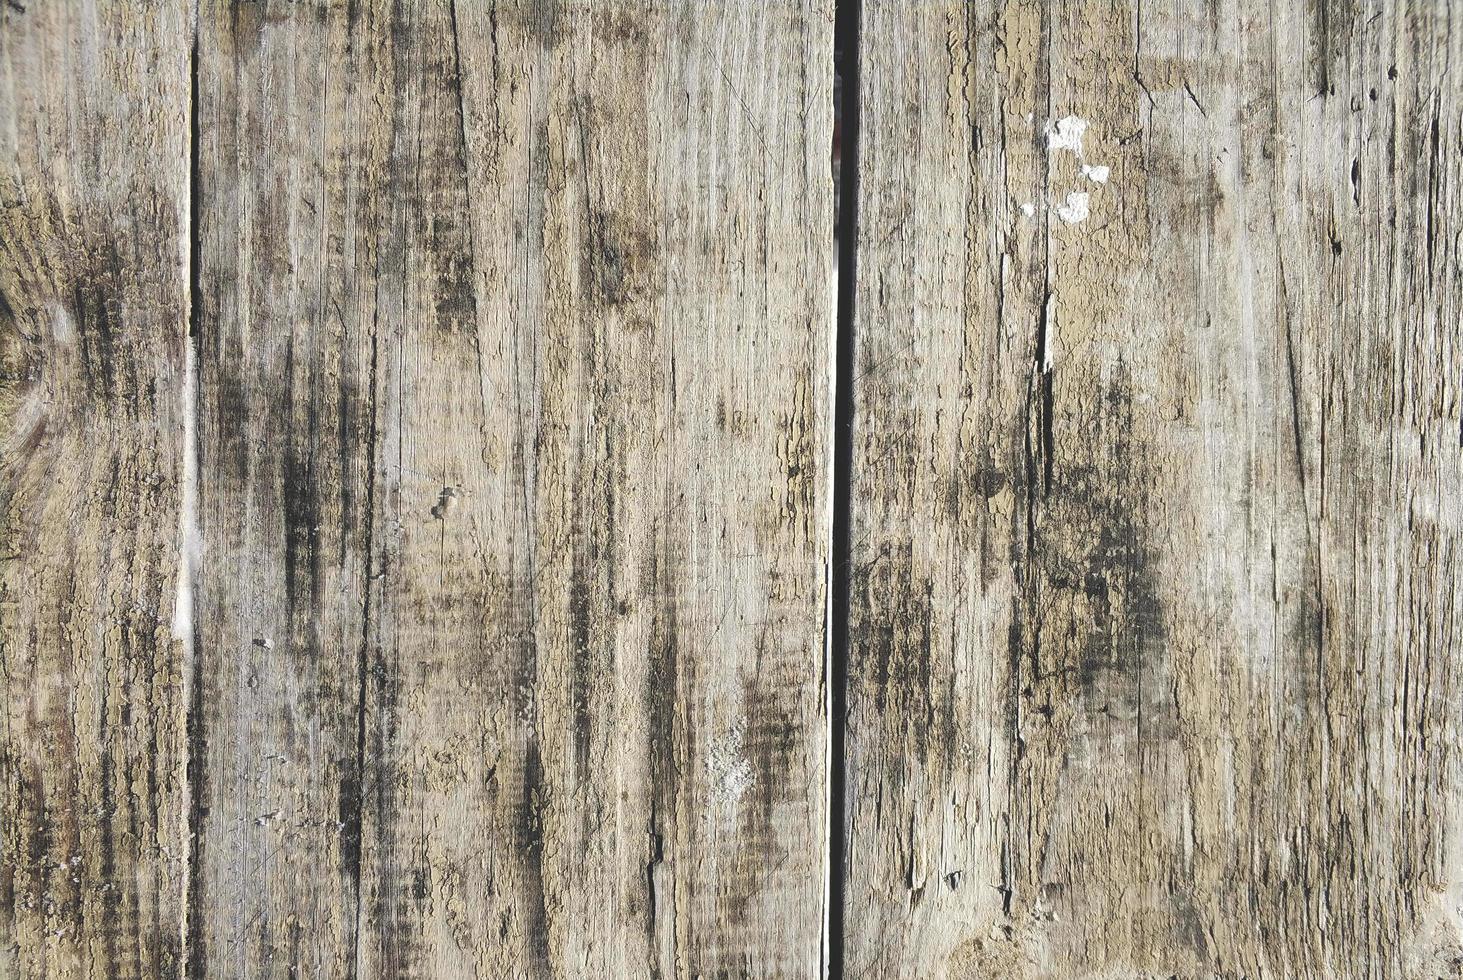 superficie di legno marrone foto